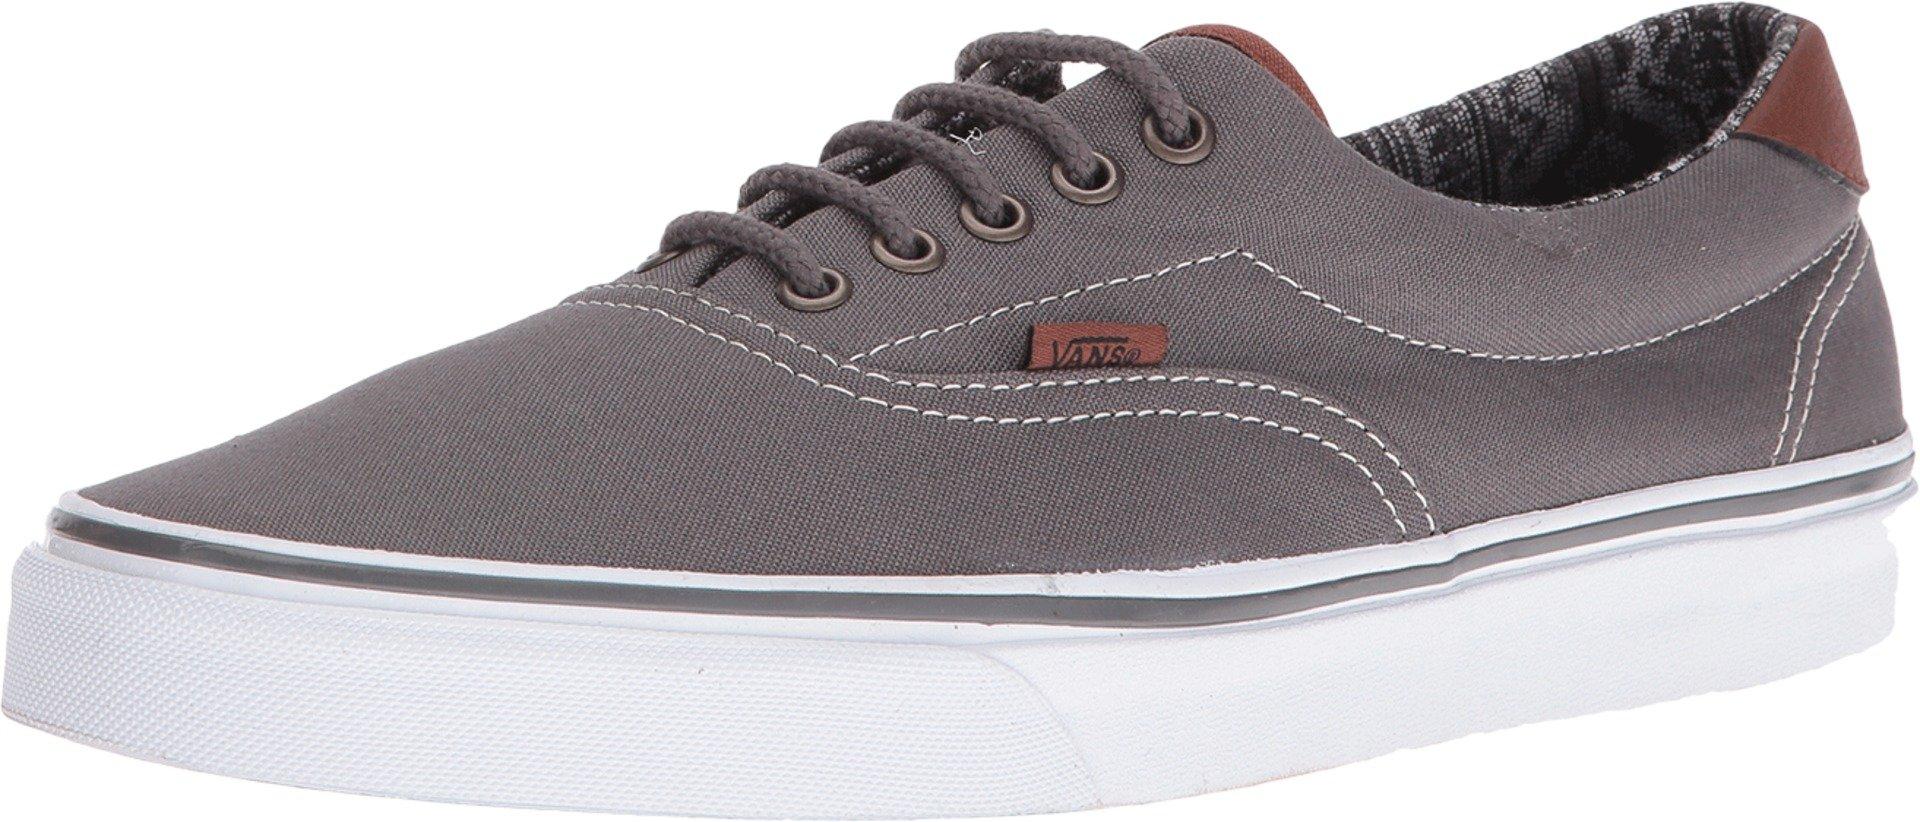 Vans - Unisex-Adult Era 59 Shoes, Size: 4.5 D(M) US Mens / 6 B(M) US Womens, Color: (C&L) Pewter/Italian Weave by Vans